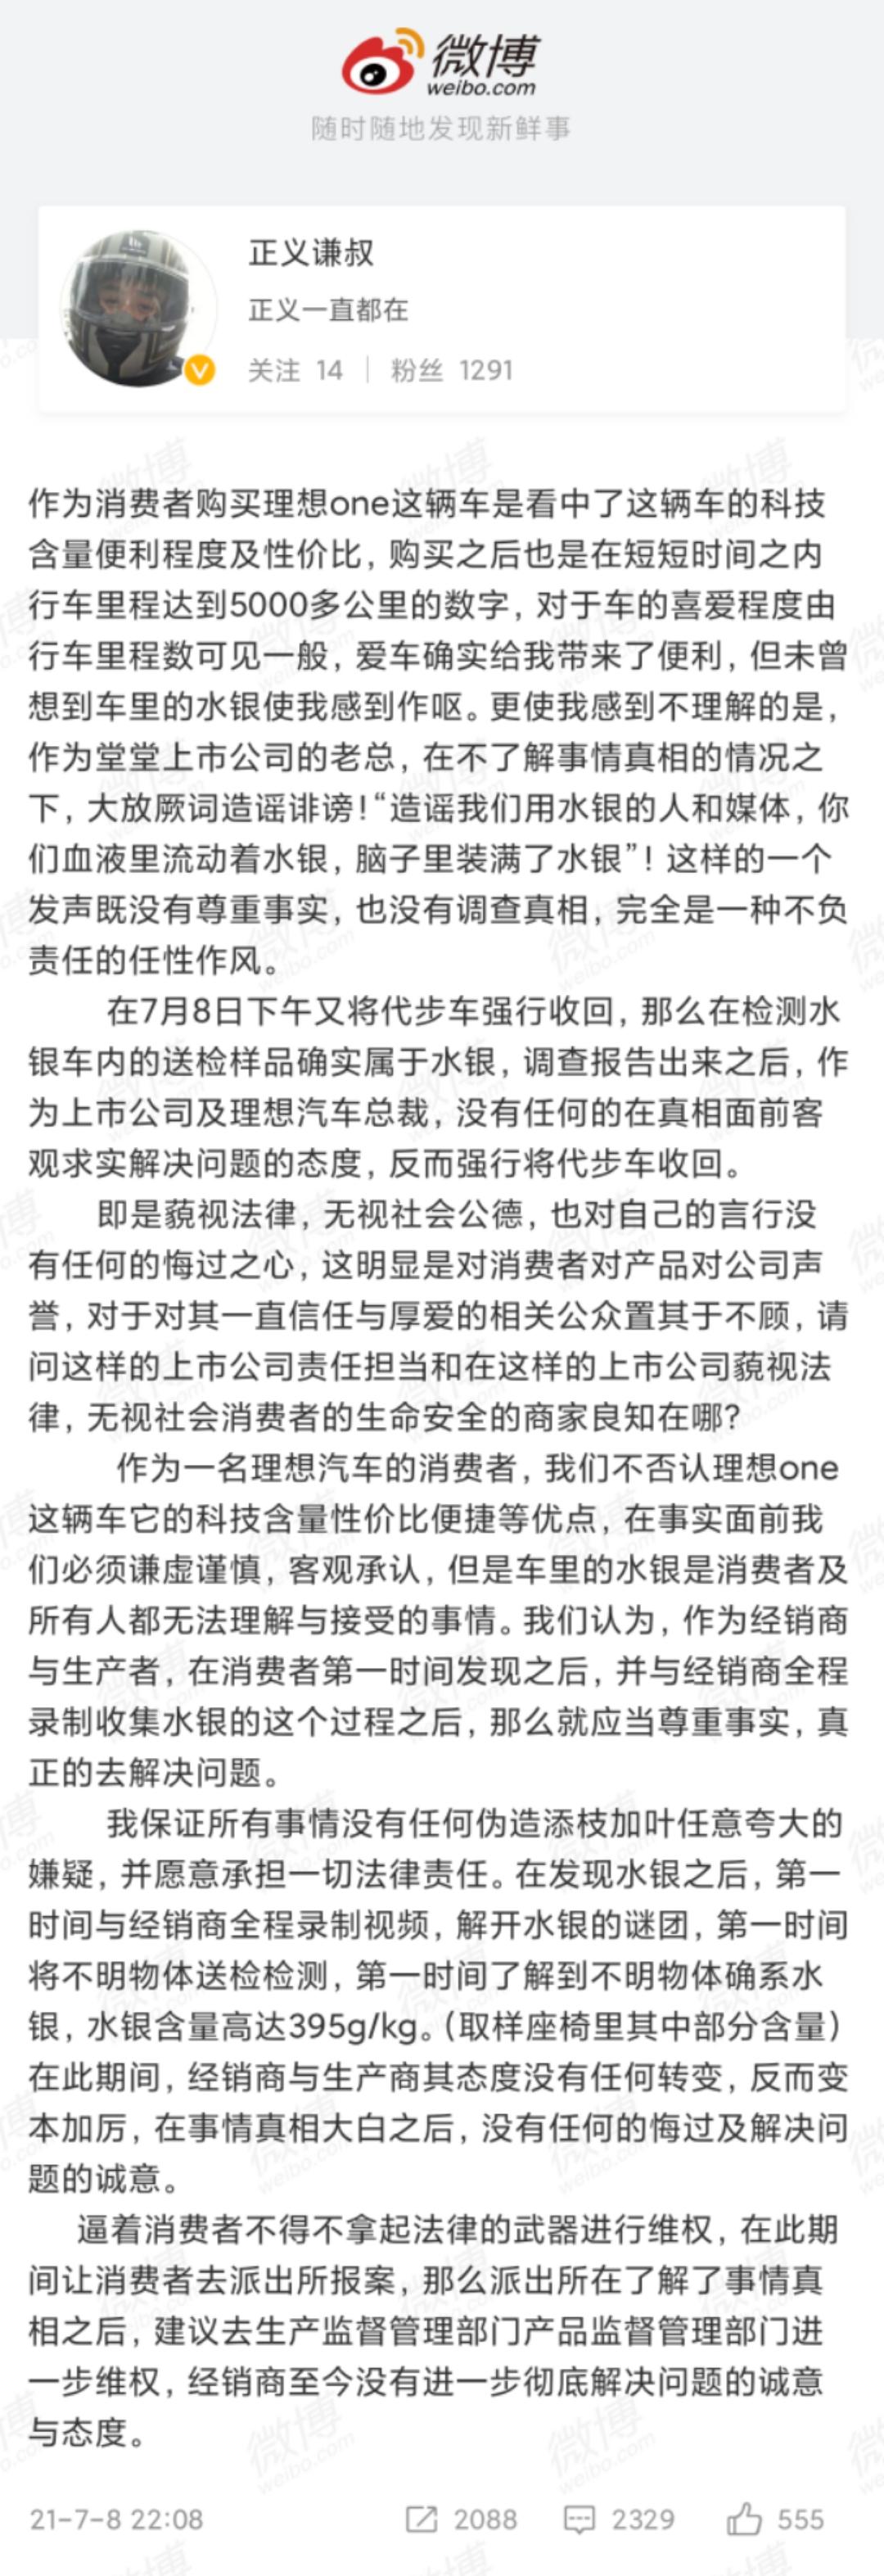 理想水银事件当事人发声:堂堂老总大放厥词诽谤 不负责任